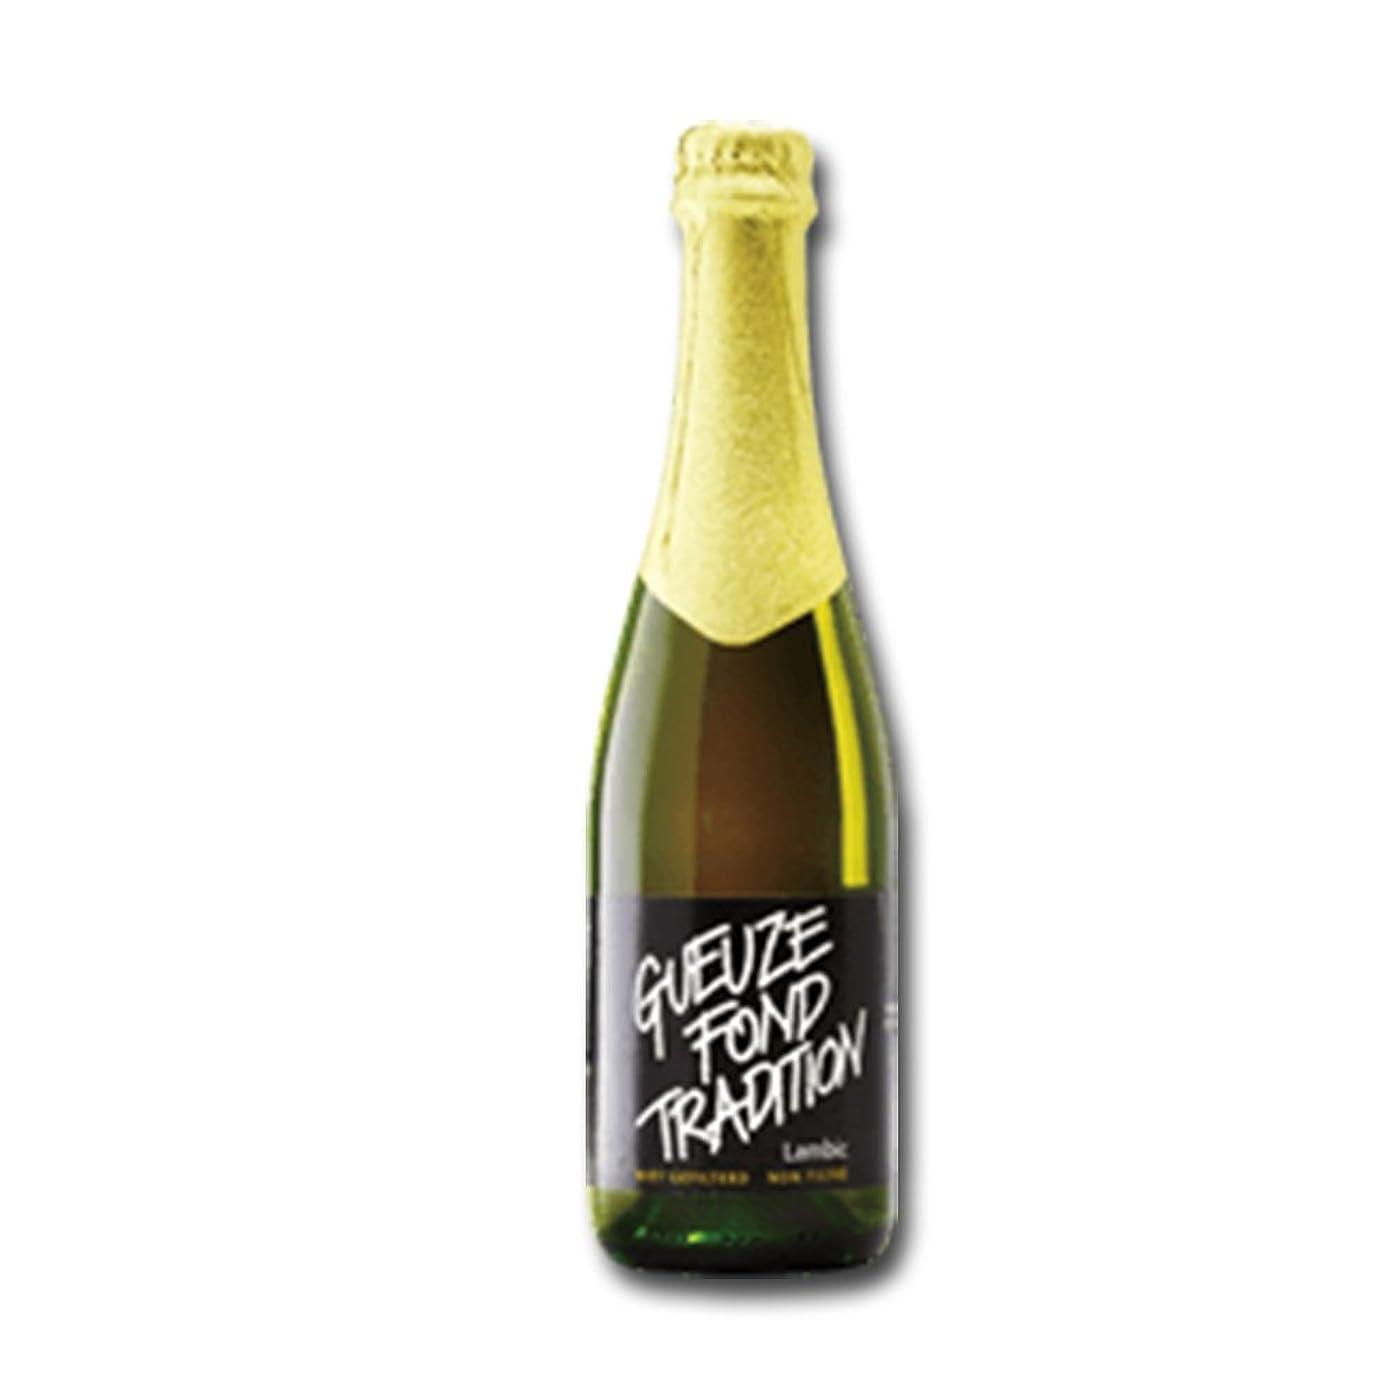 まあどういたしまして反抗グーズフォントラディション 5度 375ml 12本セット(1ケース) 瓶 ベルギー ビール [並行輸入品]